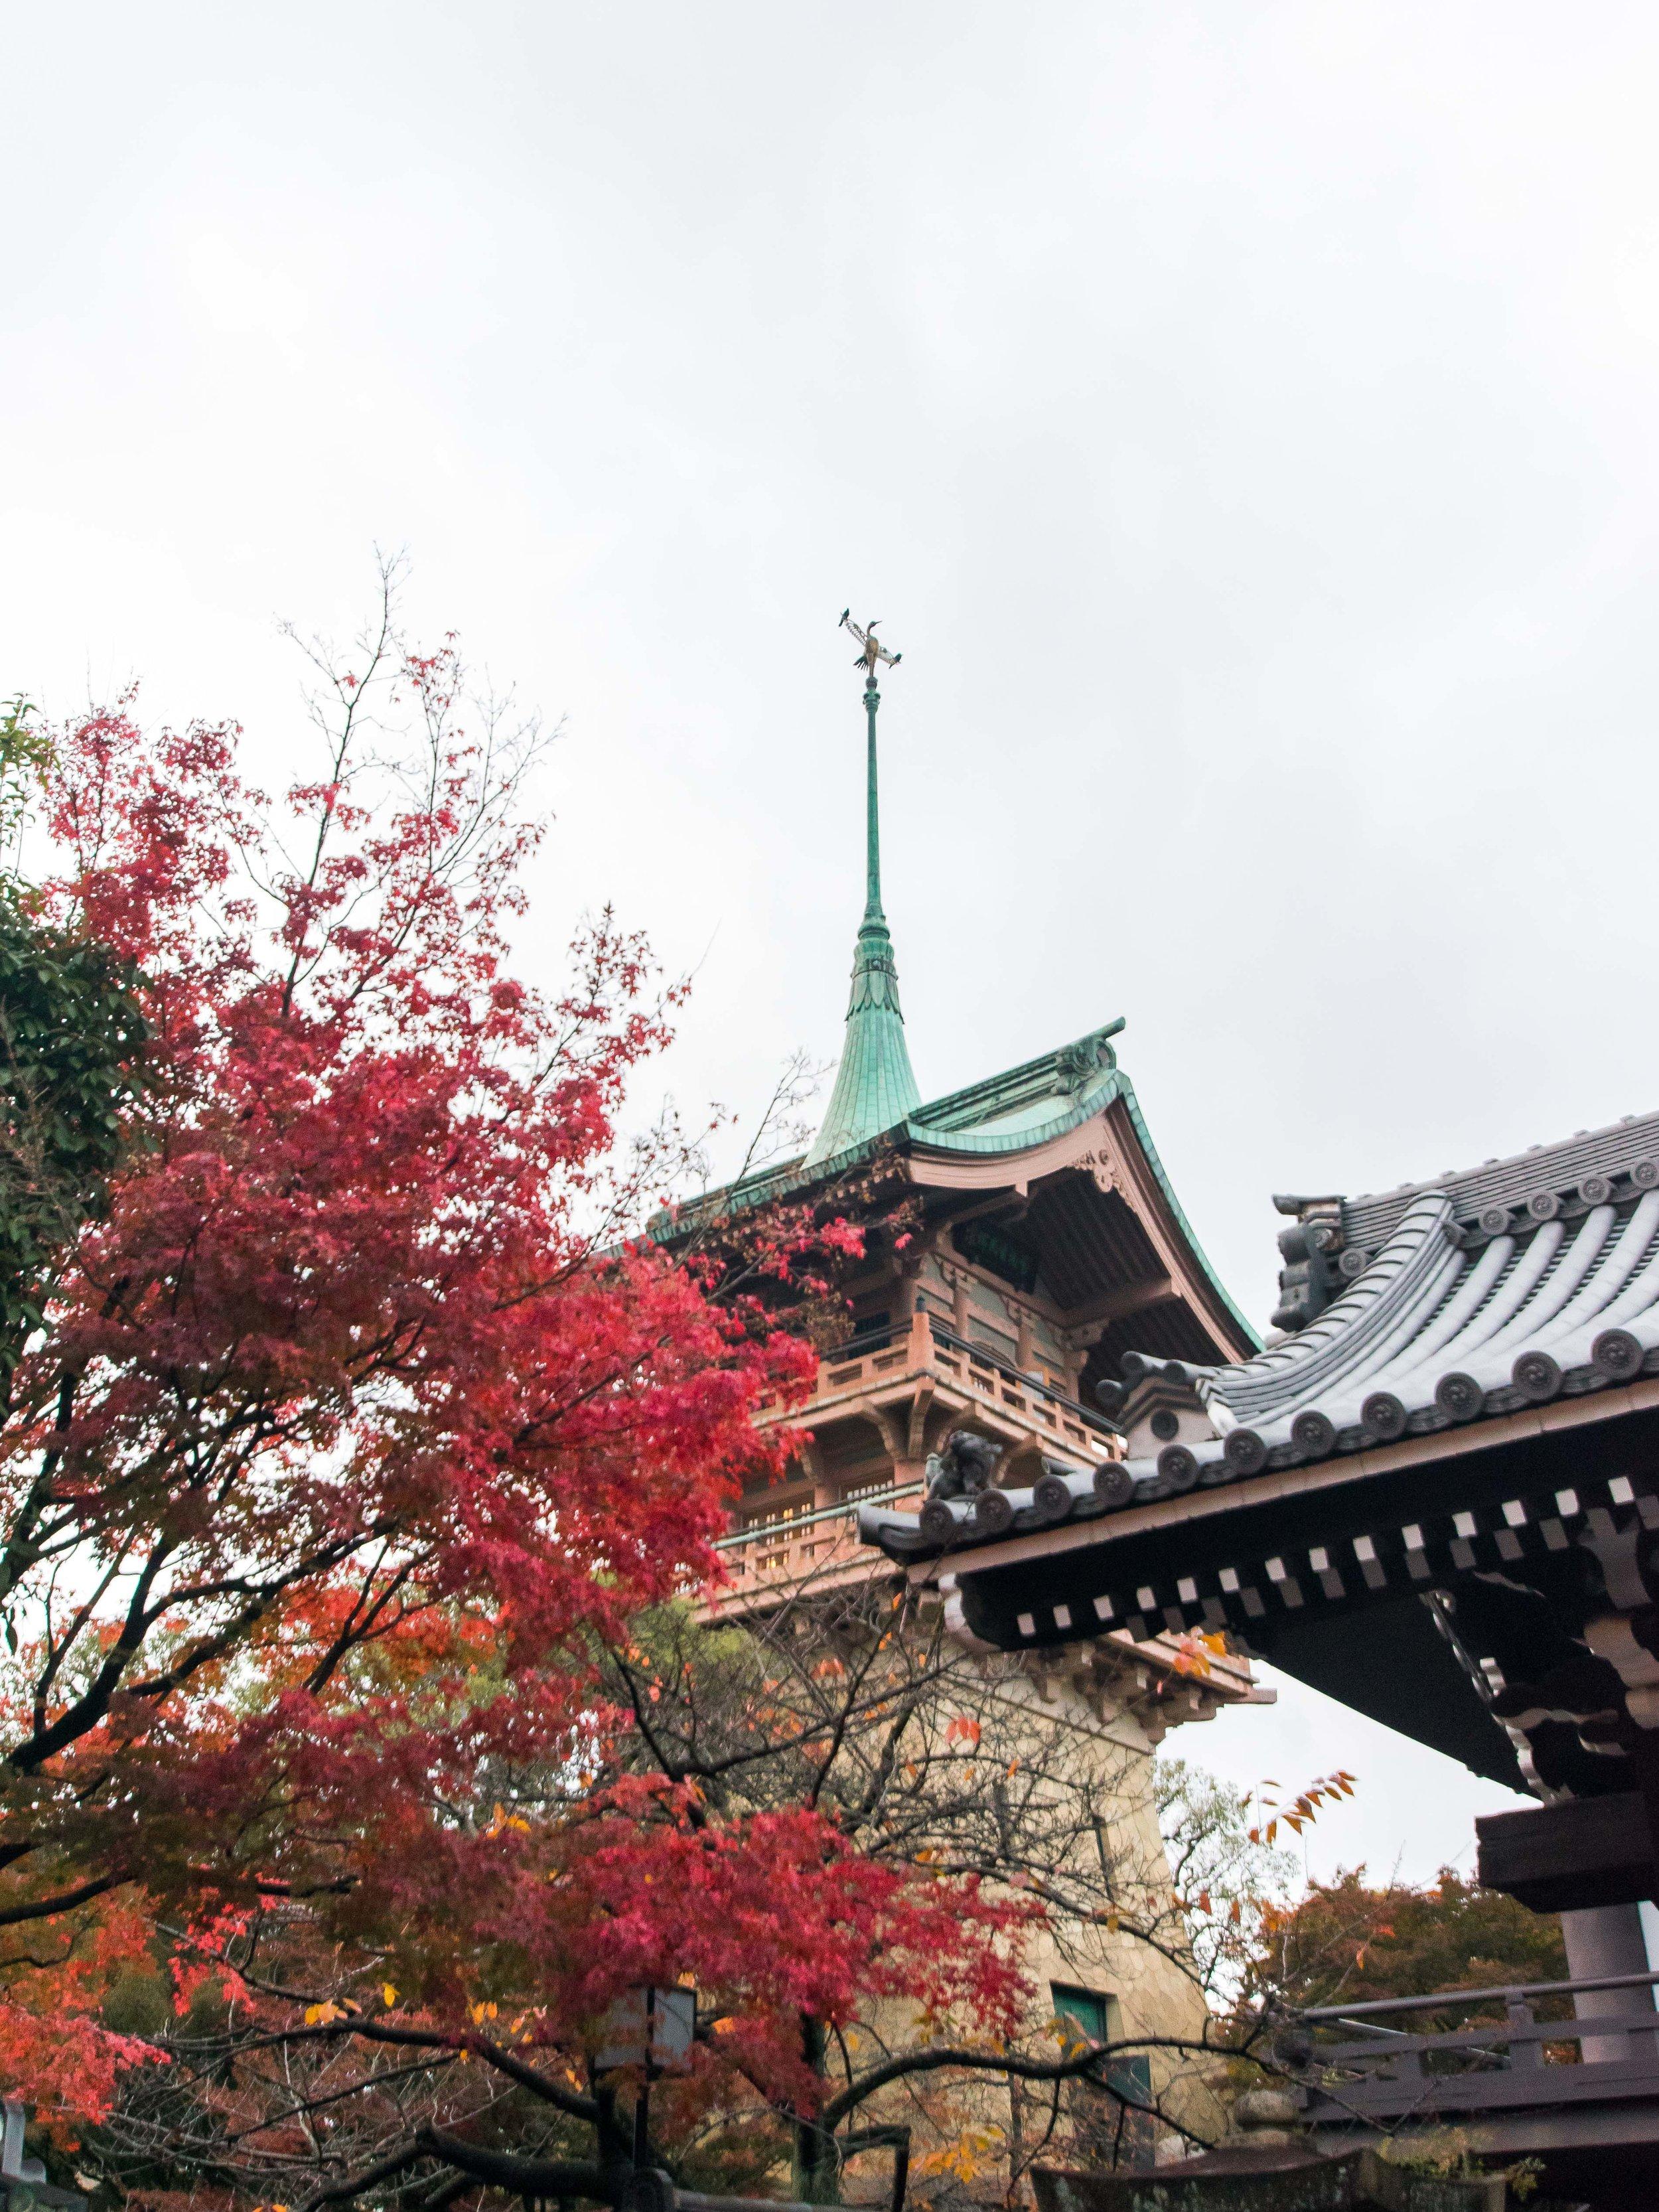 Kyoto-gion-5.jpg